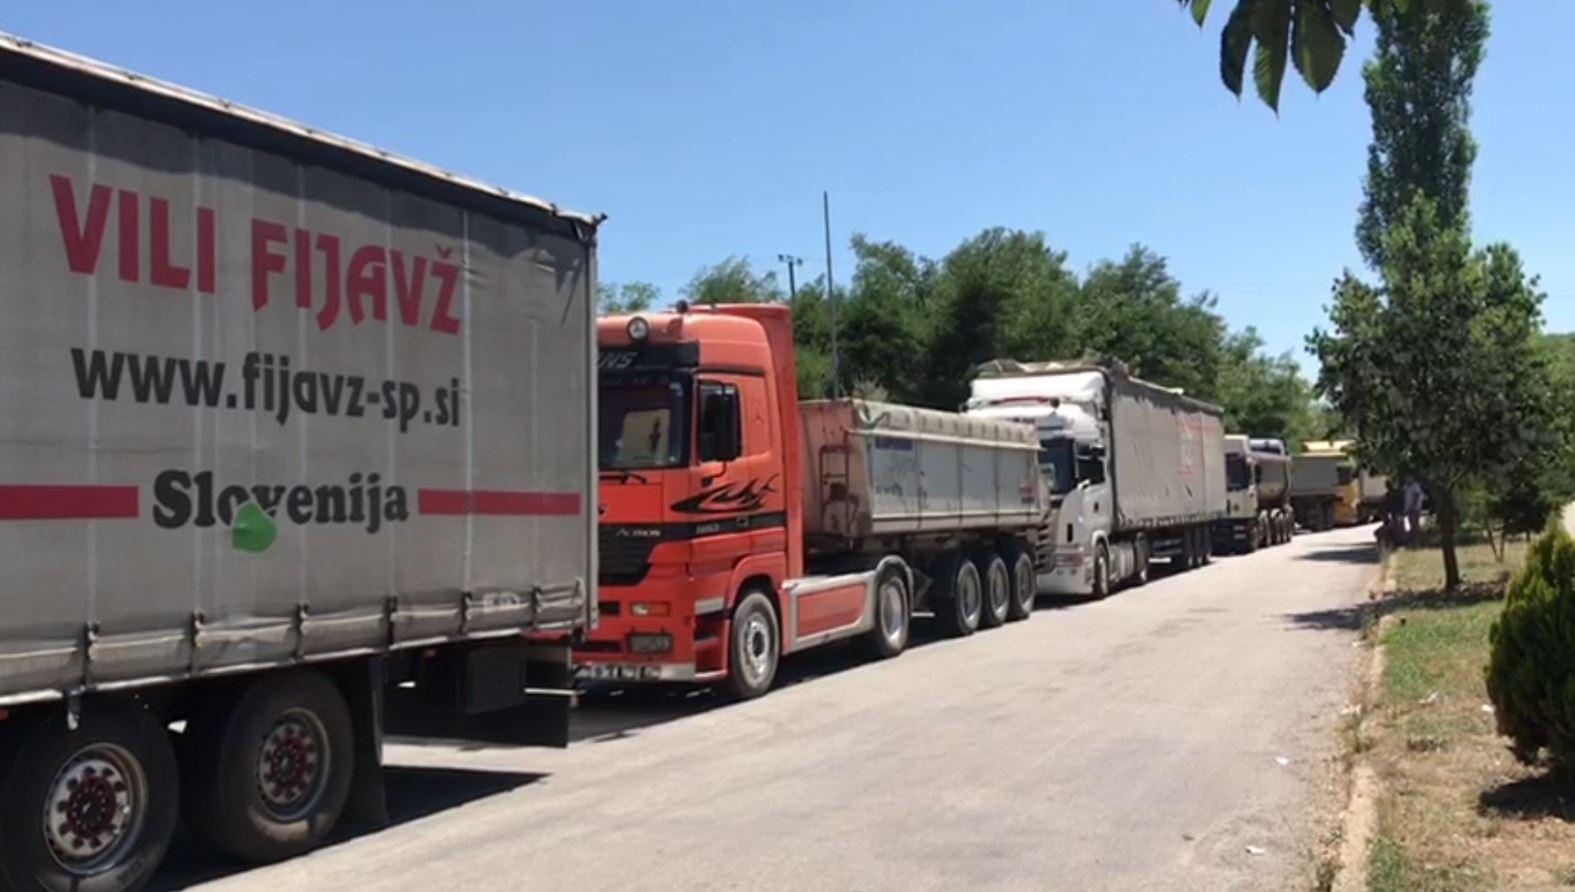 Bllokohet Qafë Thana, kamionët prej disa orësh në doganë